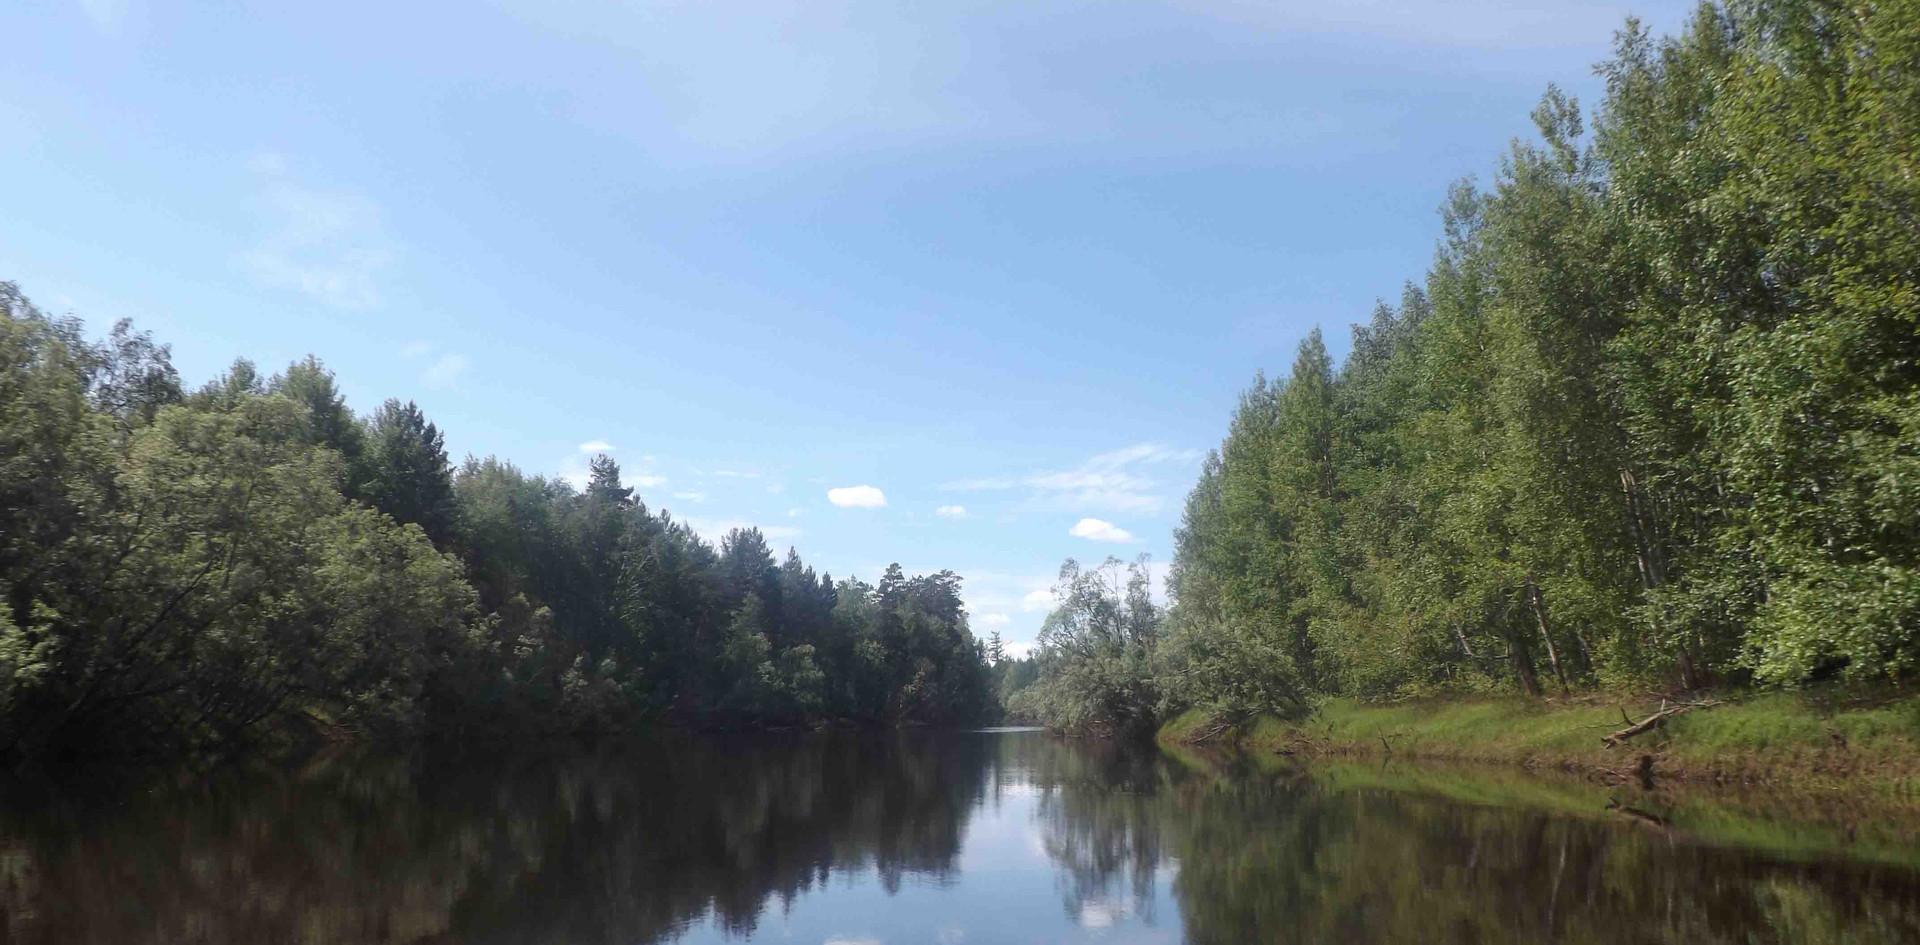 Безмятежность таёжной реки. 2013.